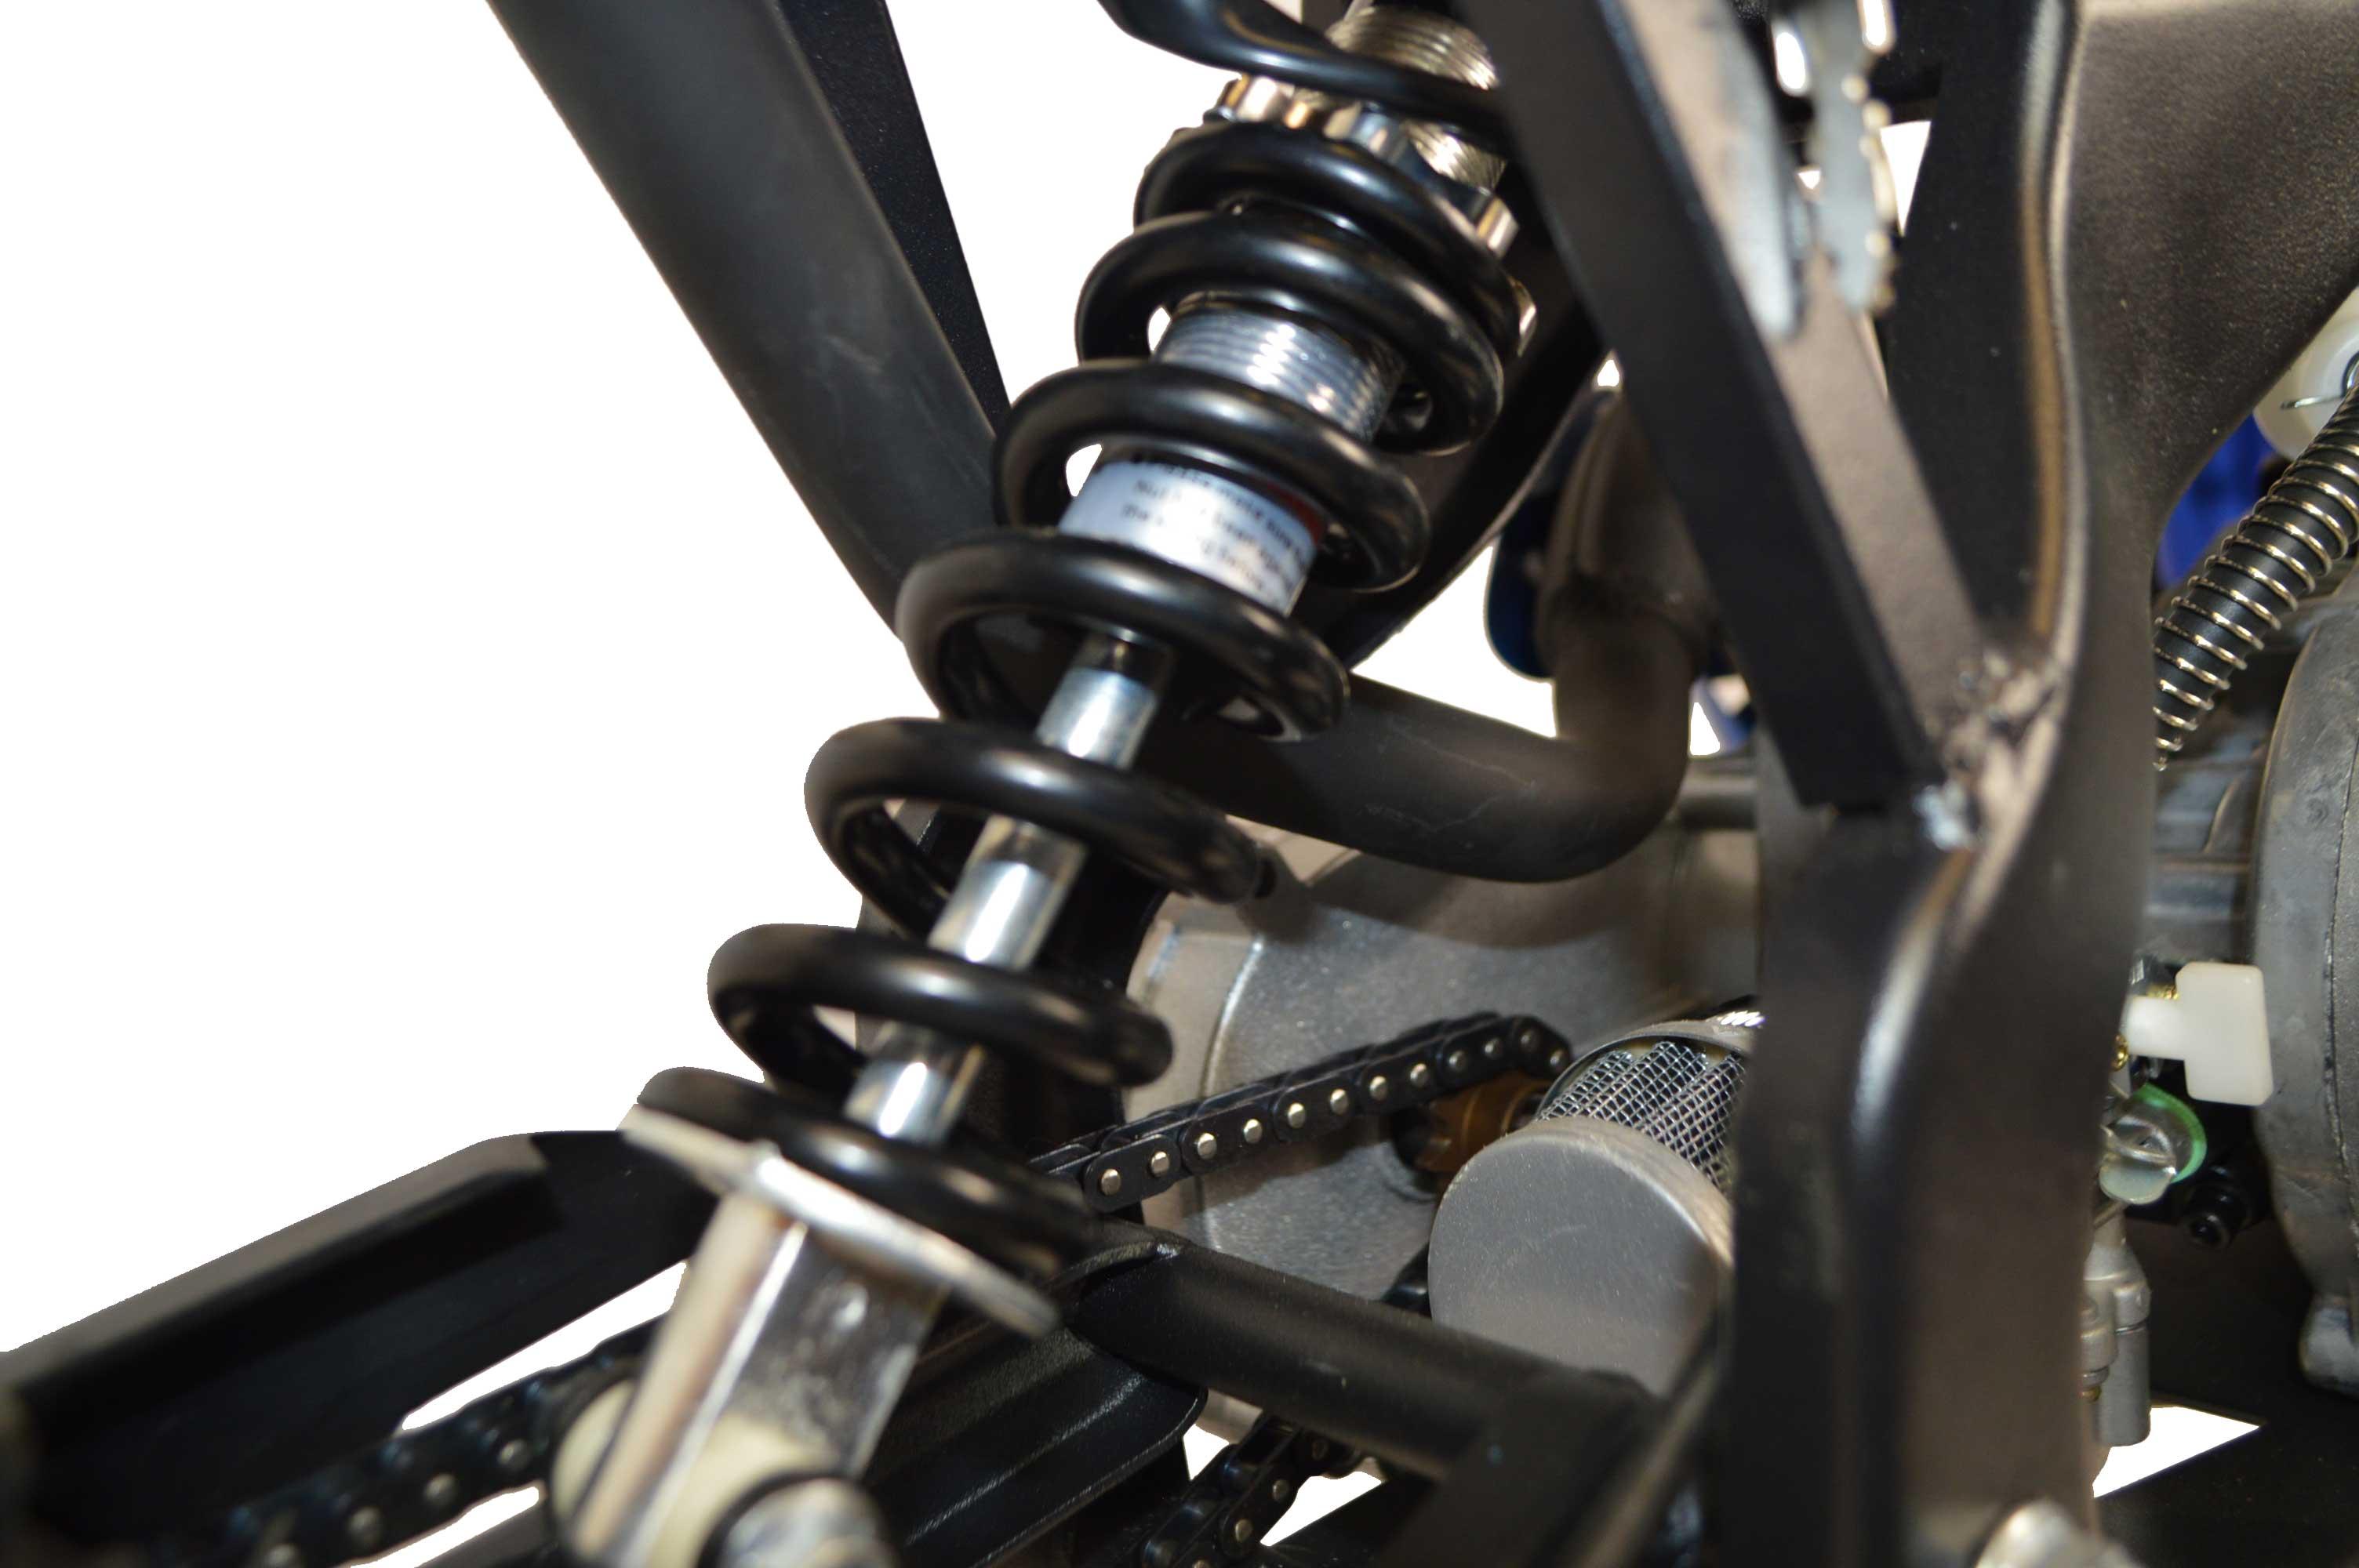 Mono shock suspension